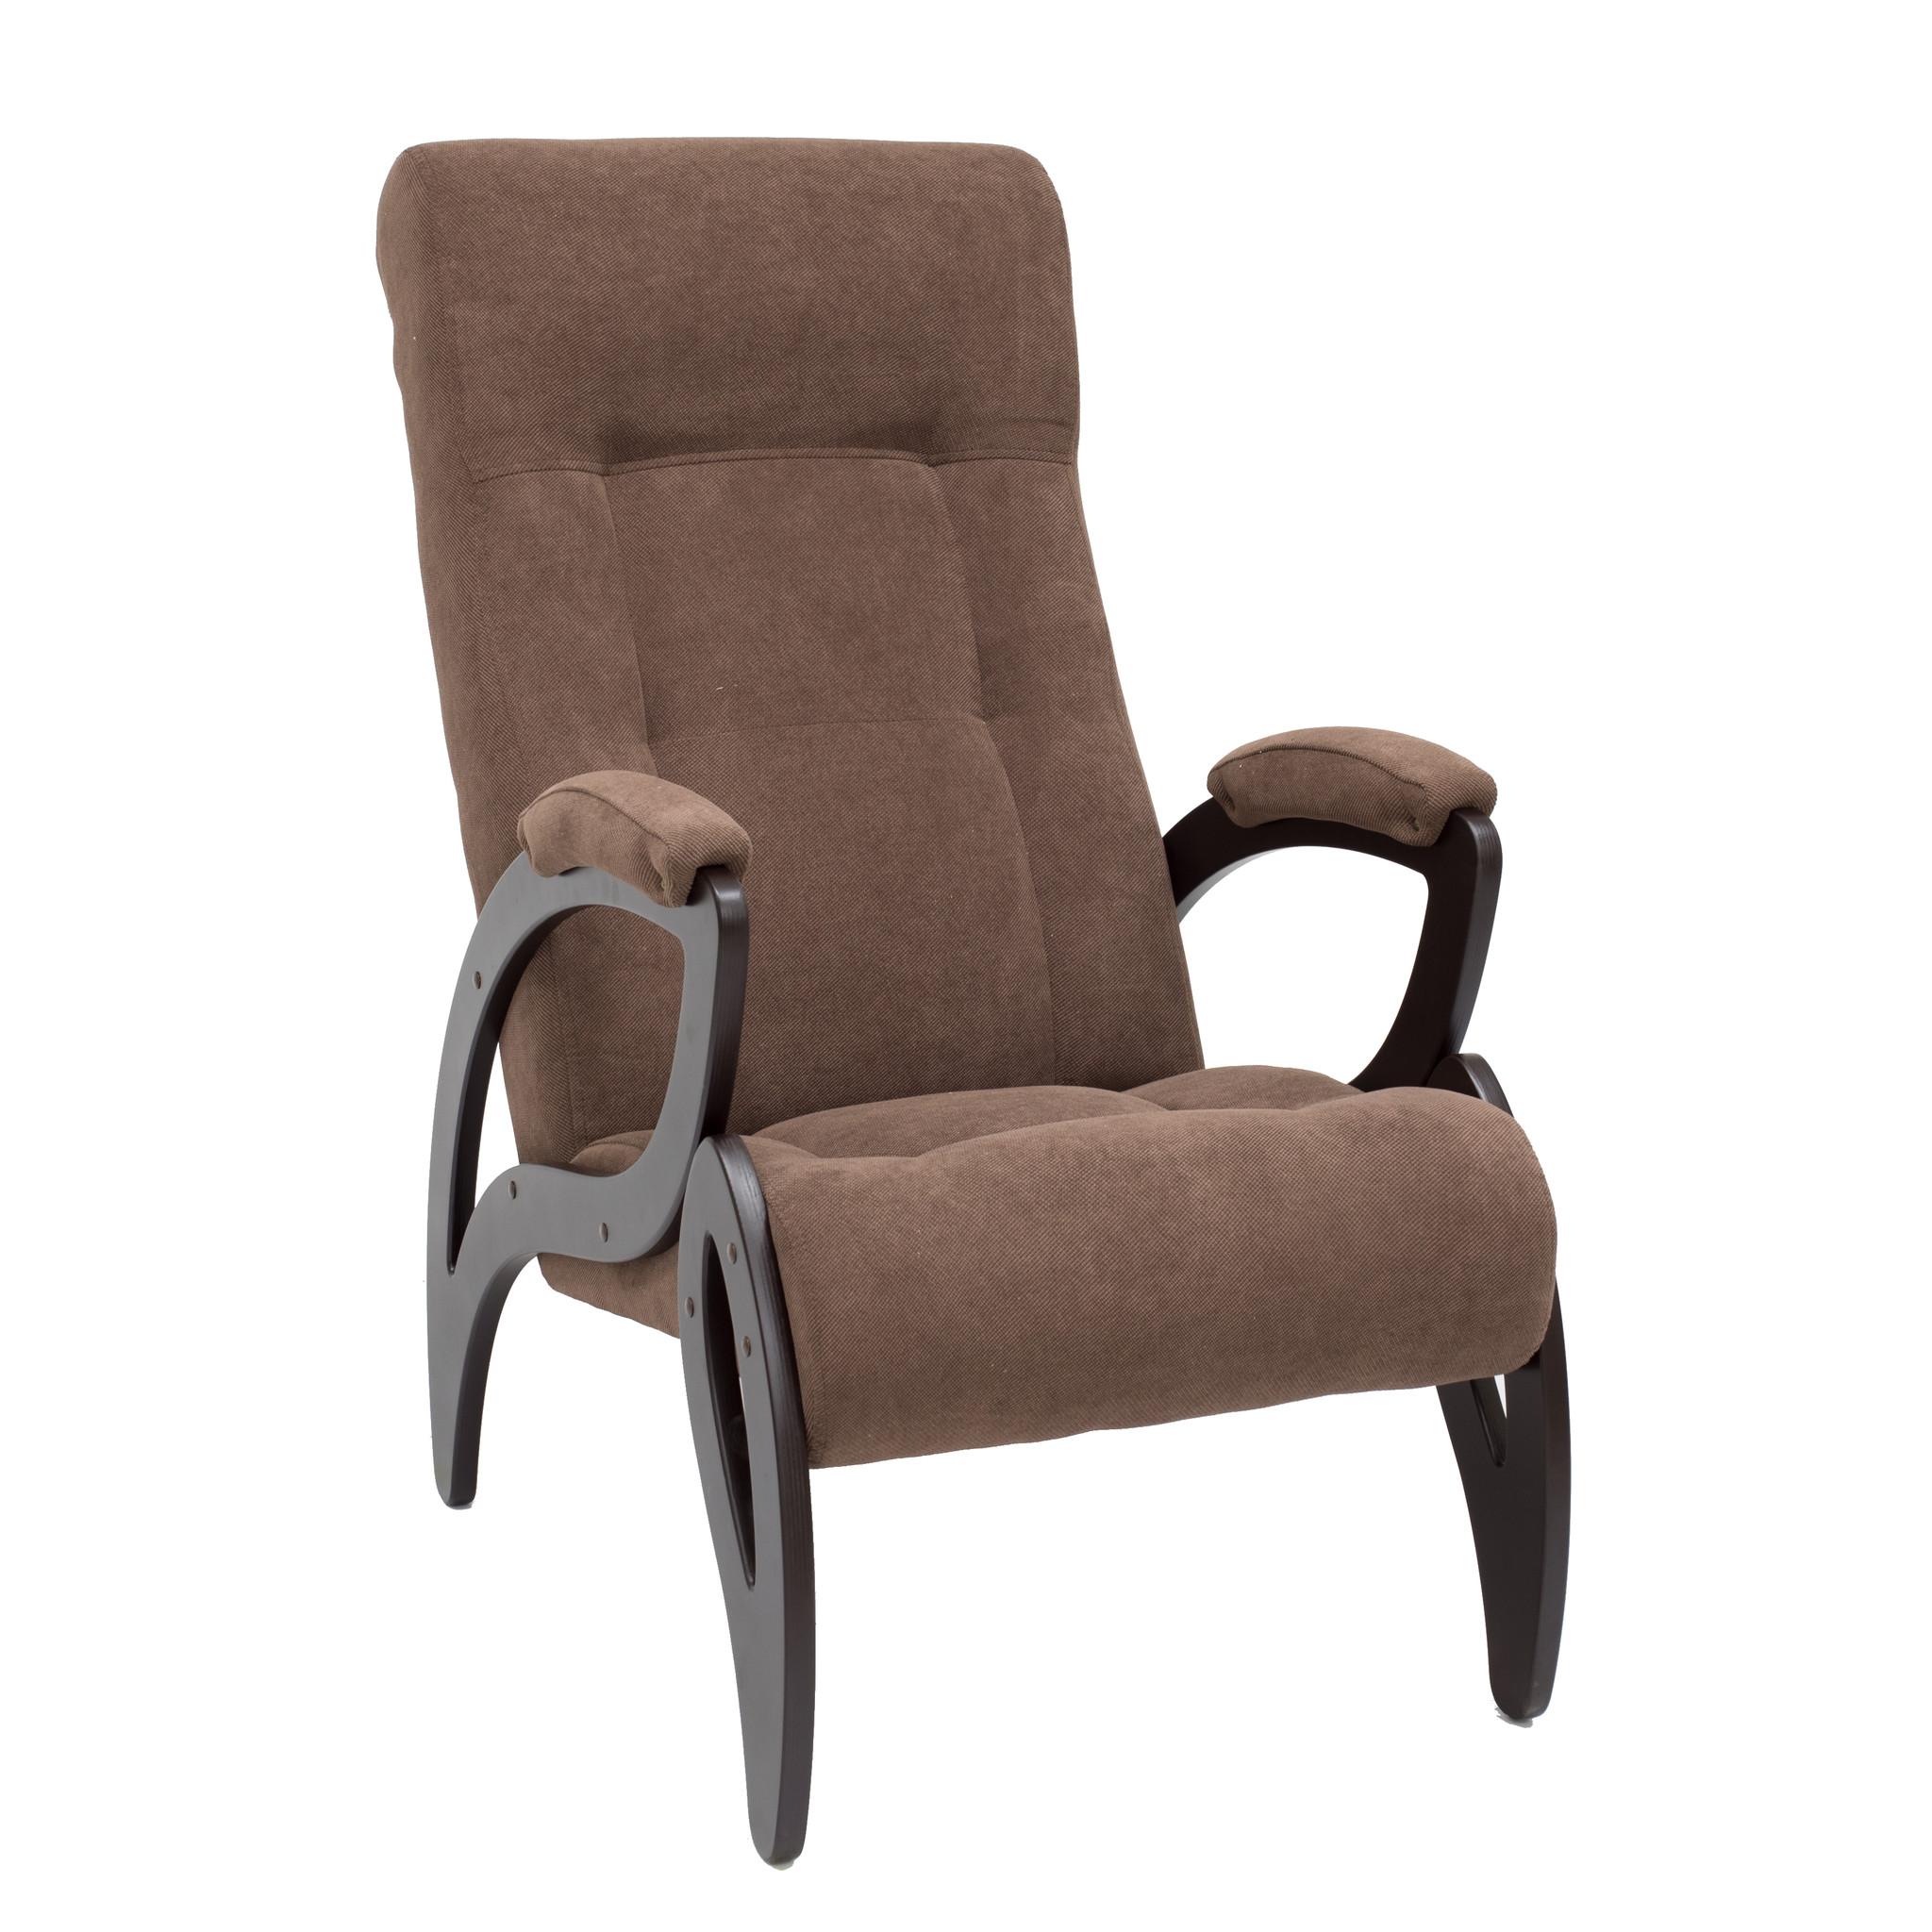 Кресло Комфорт model-51, коричневый